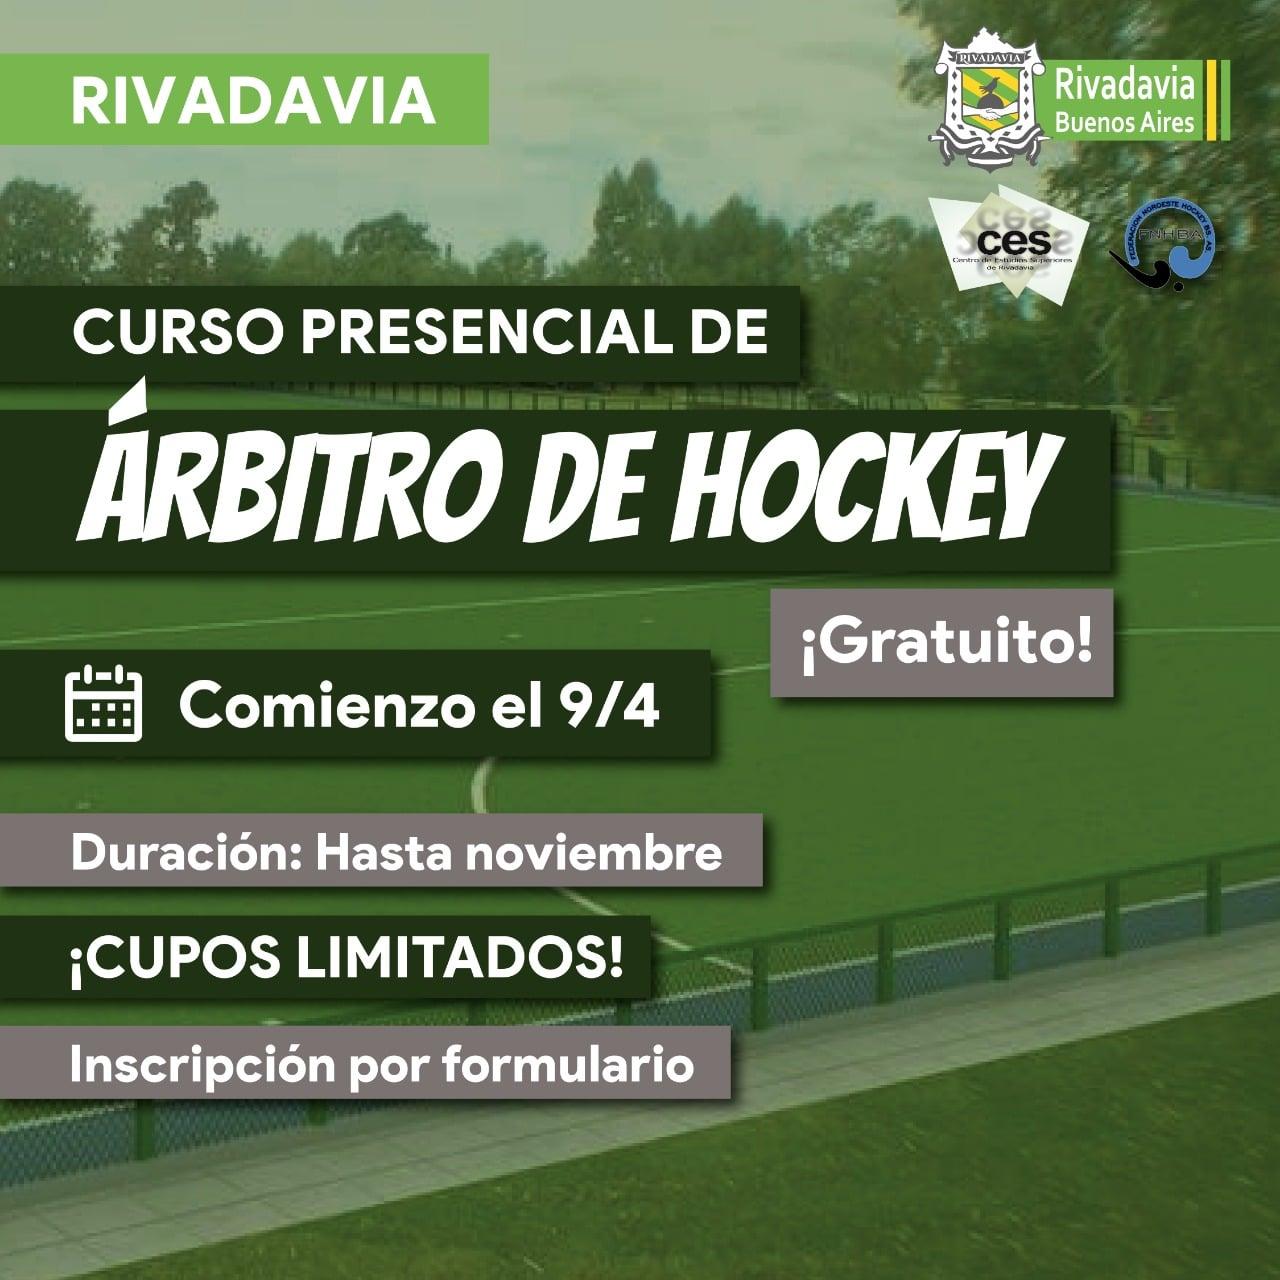 CURSO DE ÁRBITRO DE HOCKEY